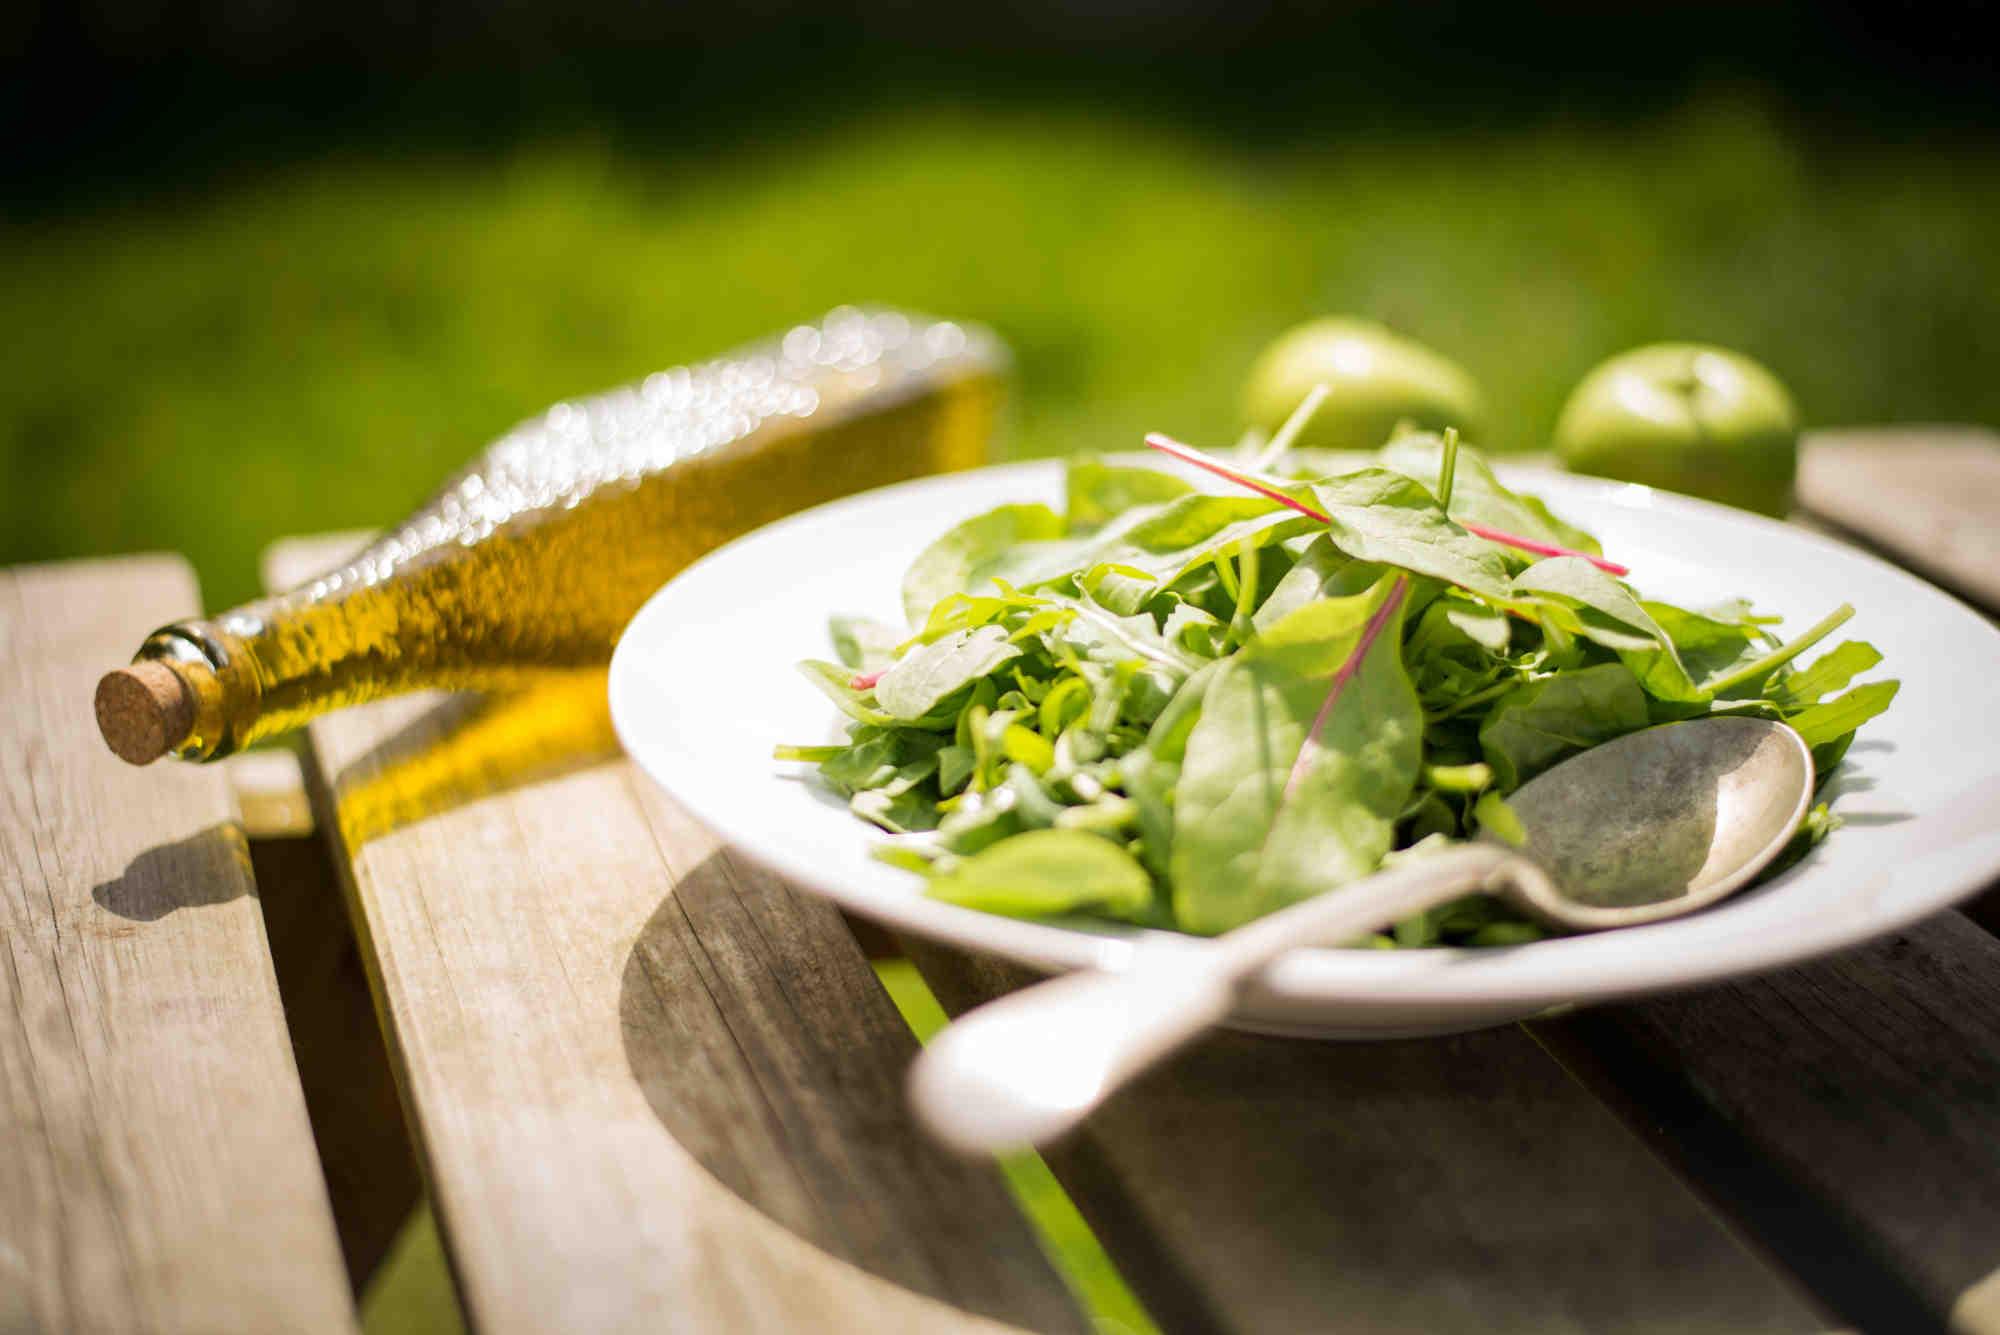 Manger 300 calories de moins par jour améliore la santé